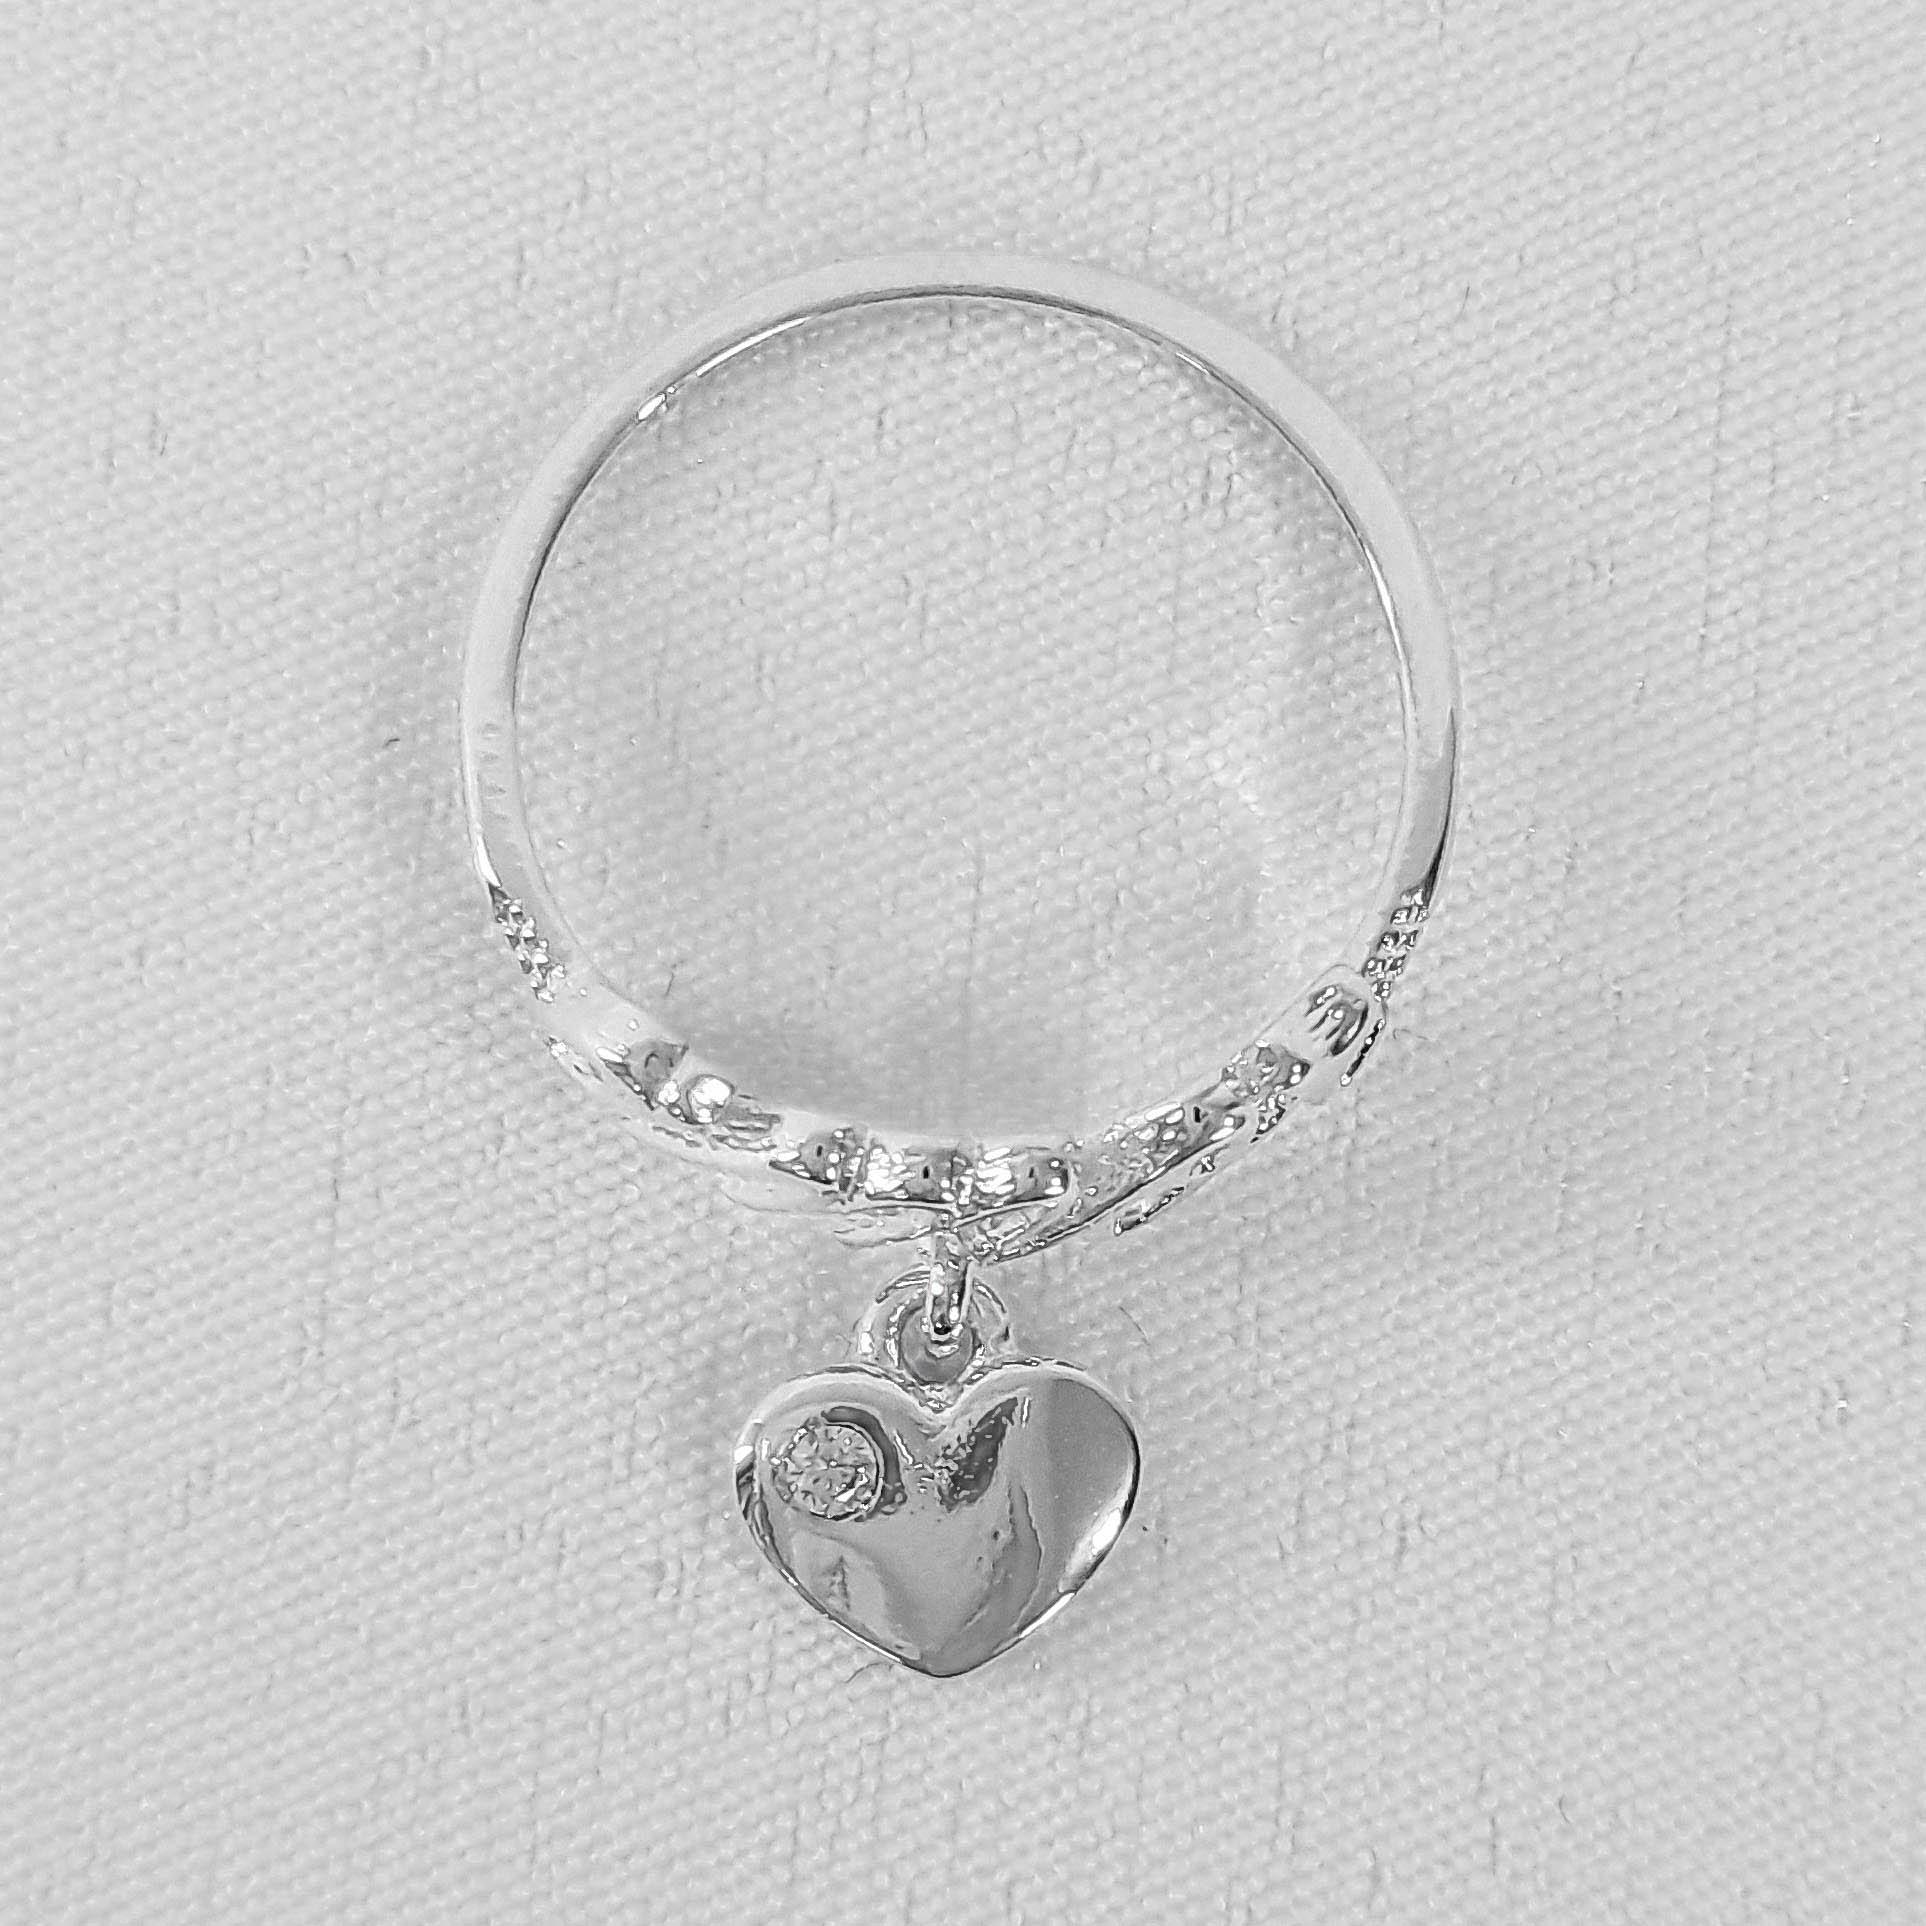 Anel Amor com Pendente de Coração Folheado a Prata 1000  - Lunozê Joias